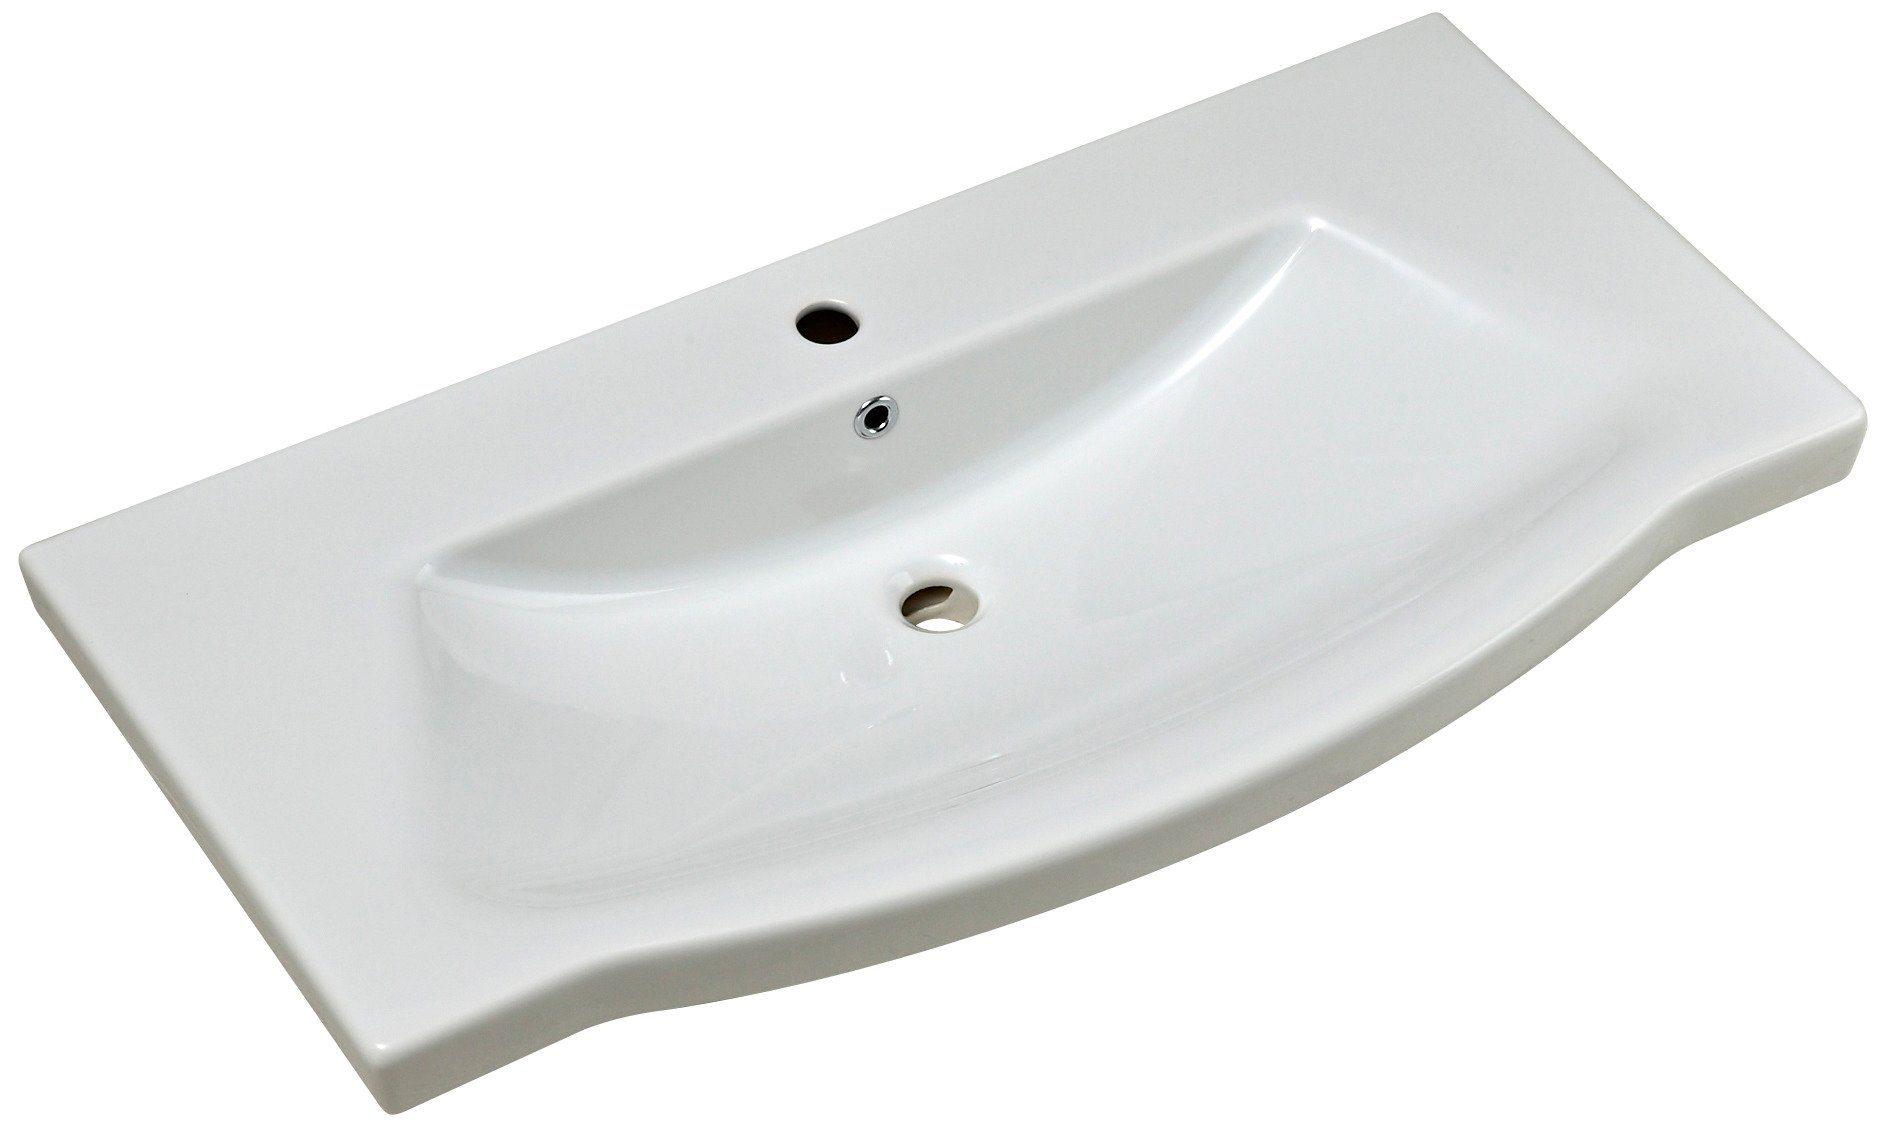 Keramik Waschtisch / Waschbecken »Solitaire« 97 cm, inkl. Ab- und Überlaufgarnitur